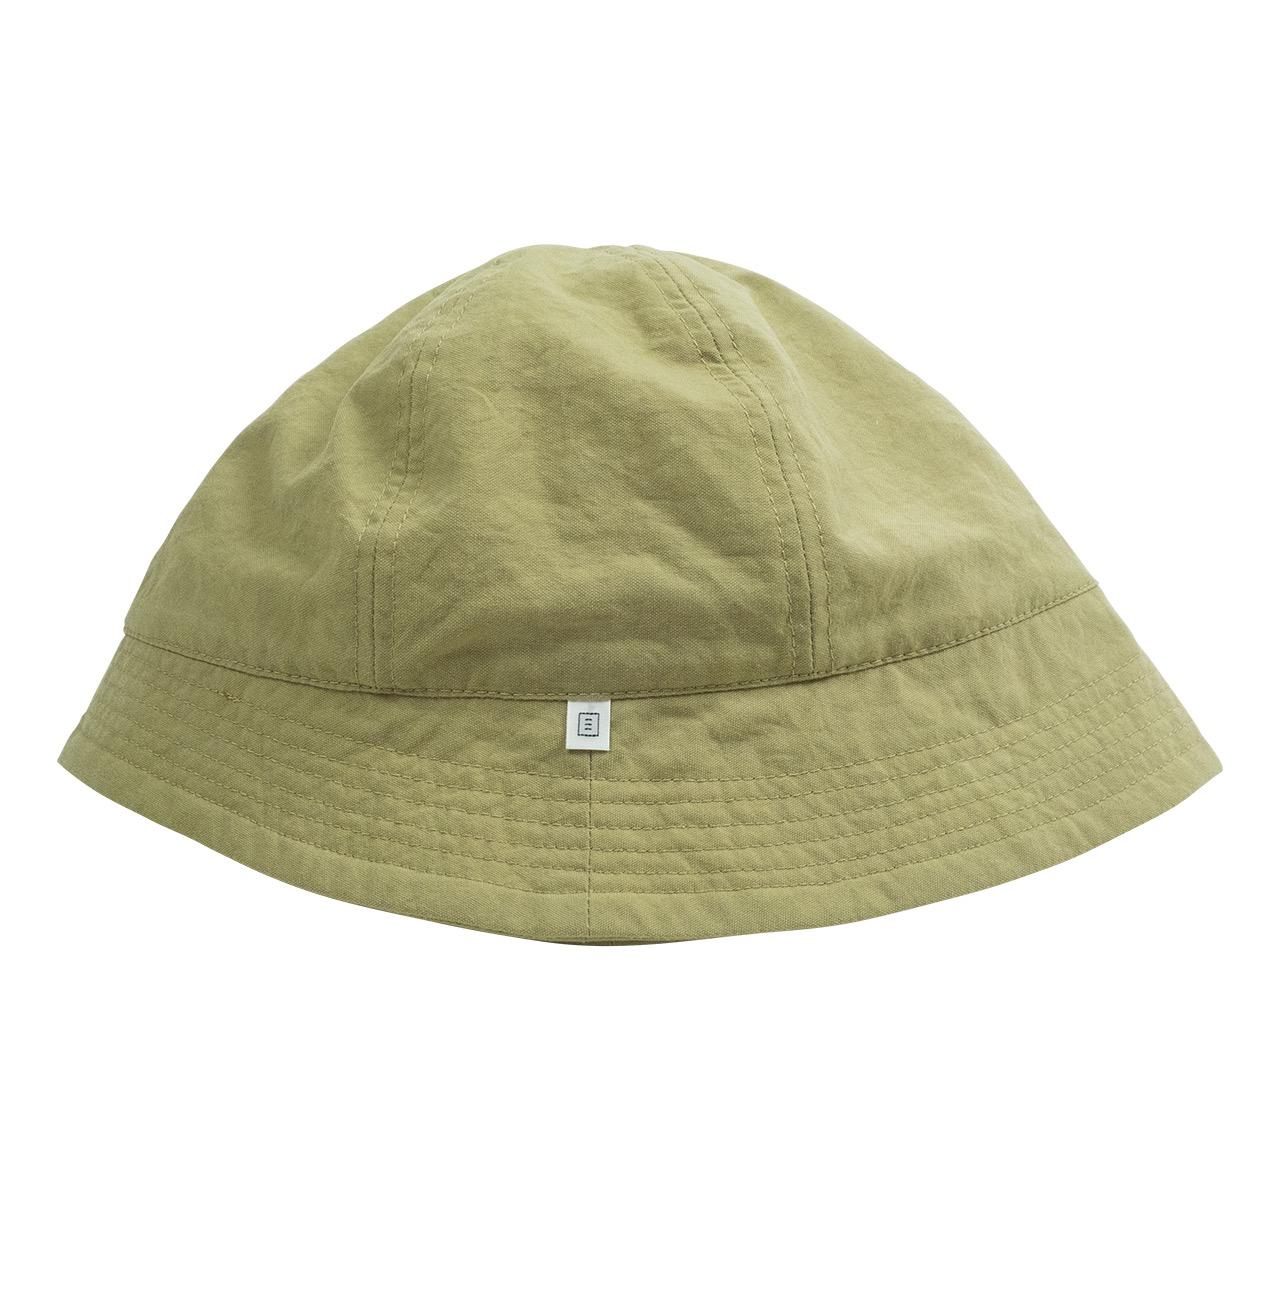 いつもの帽子のこと